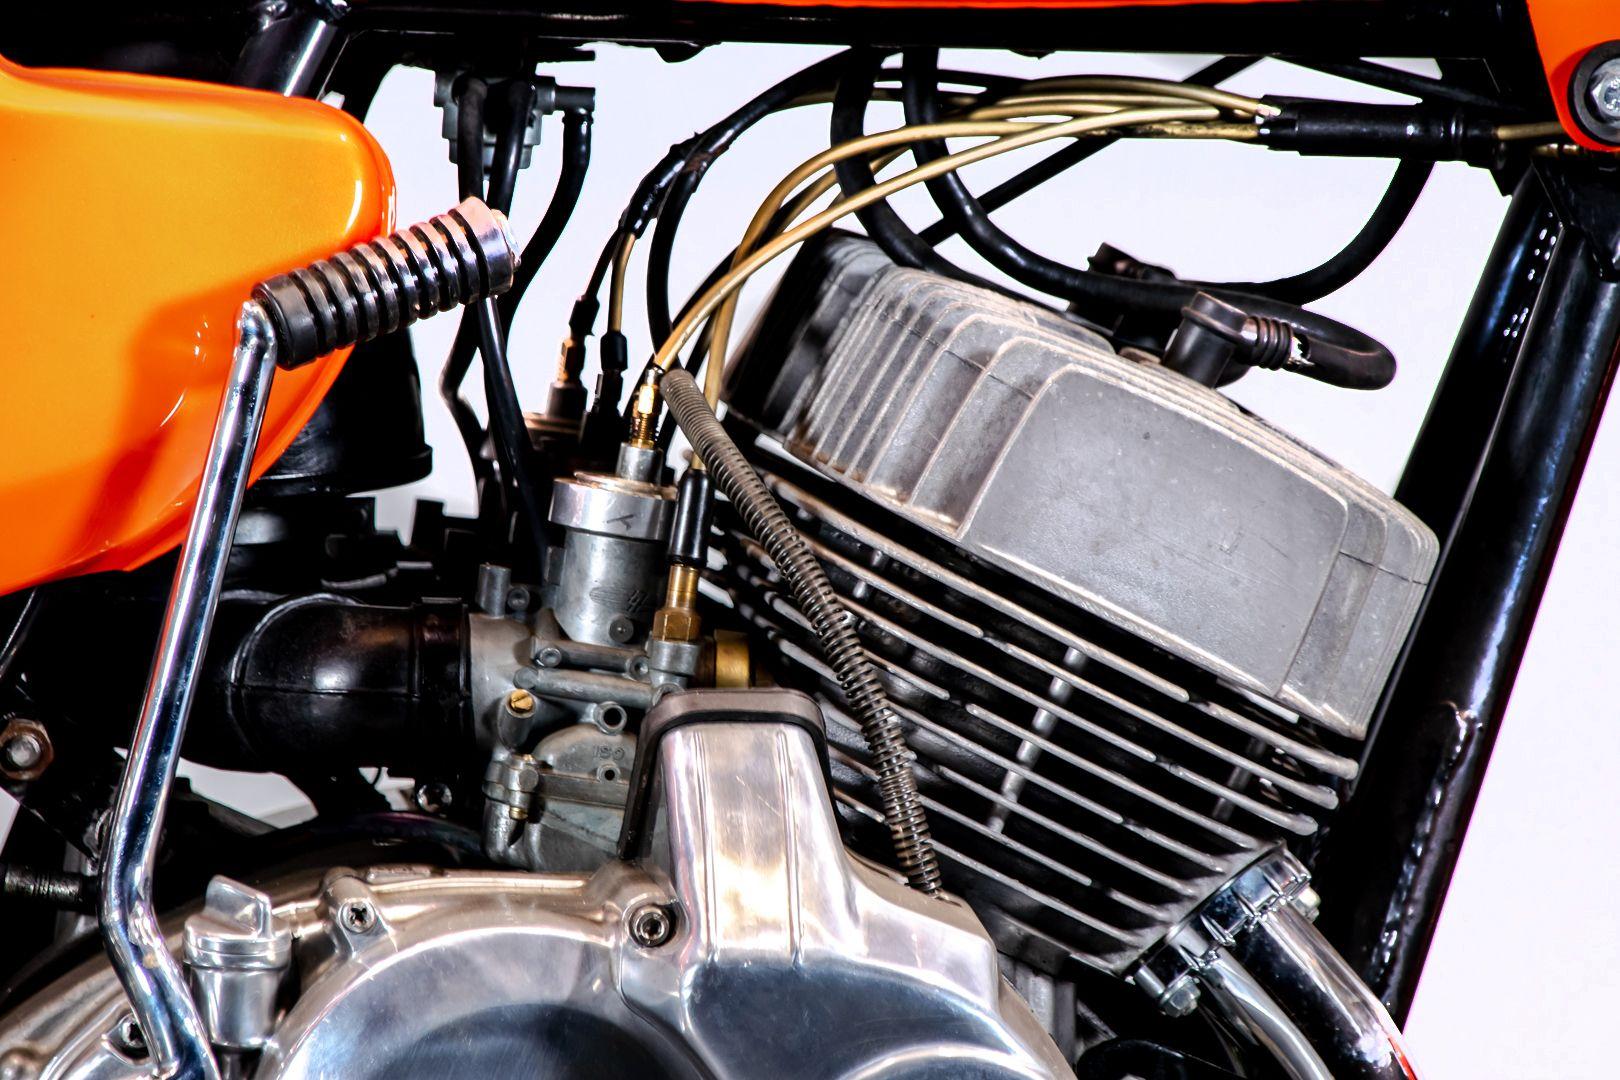 1972 KAWASAKI 500 H1B 57911